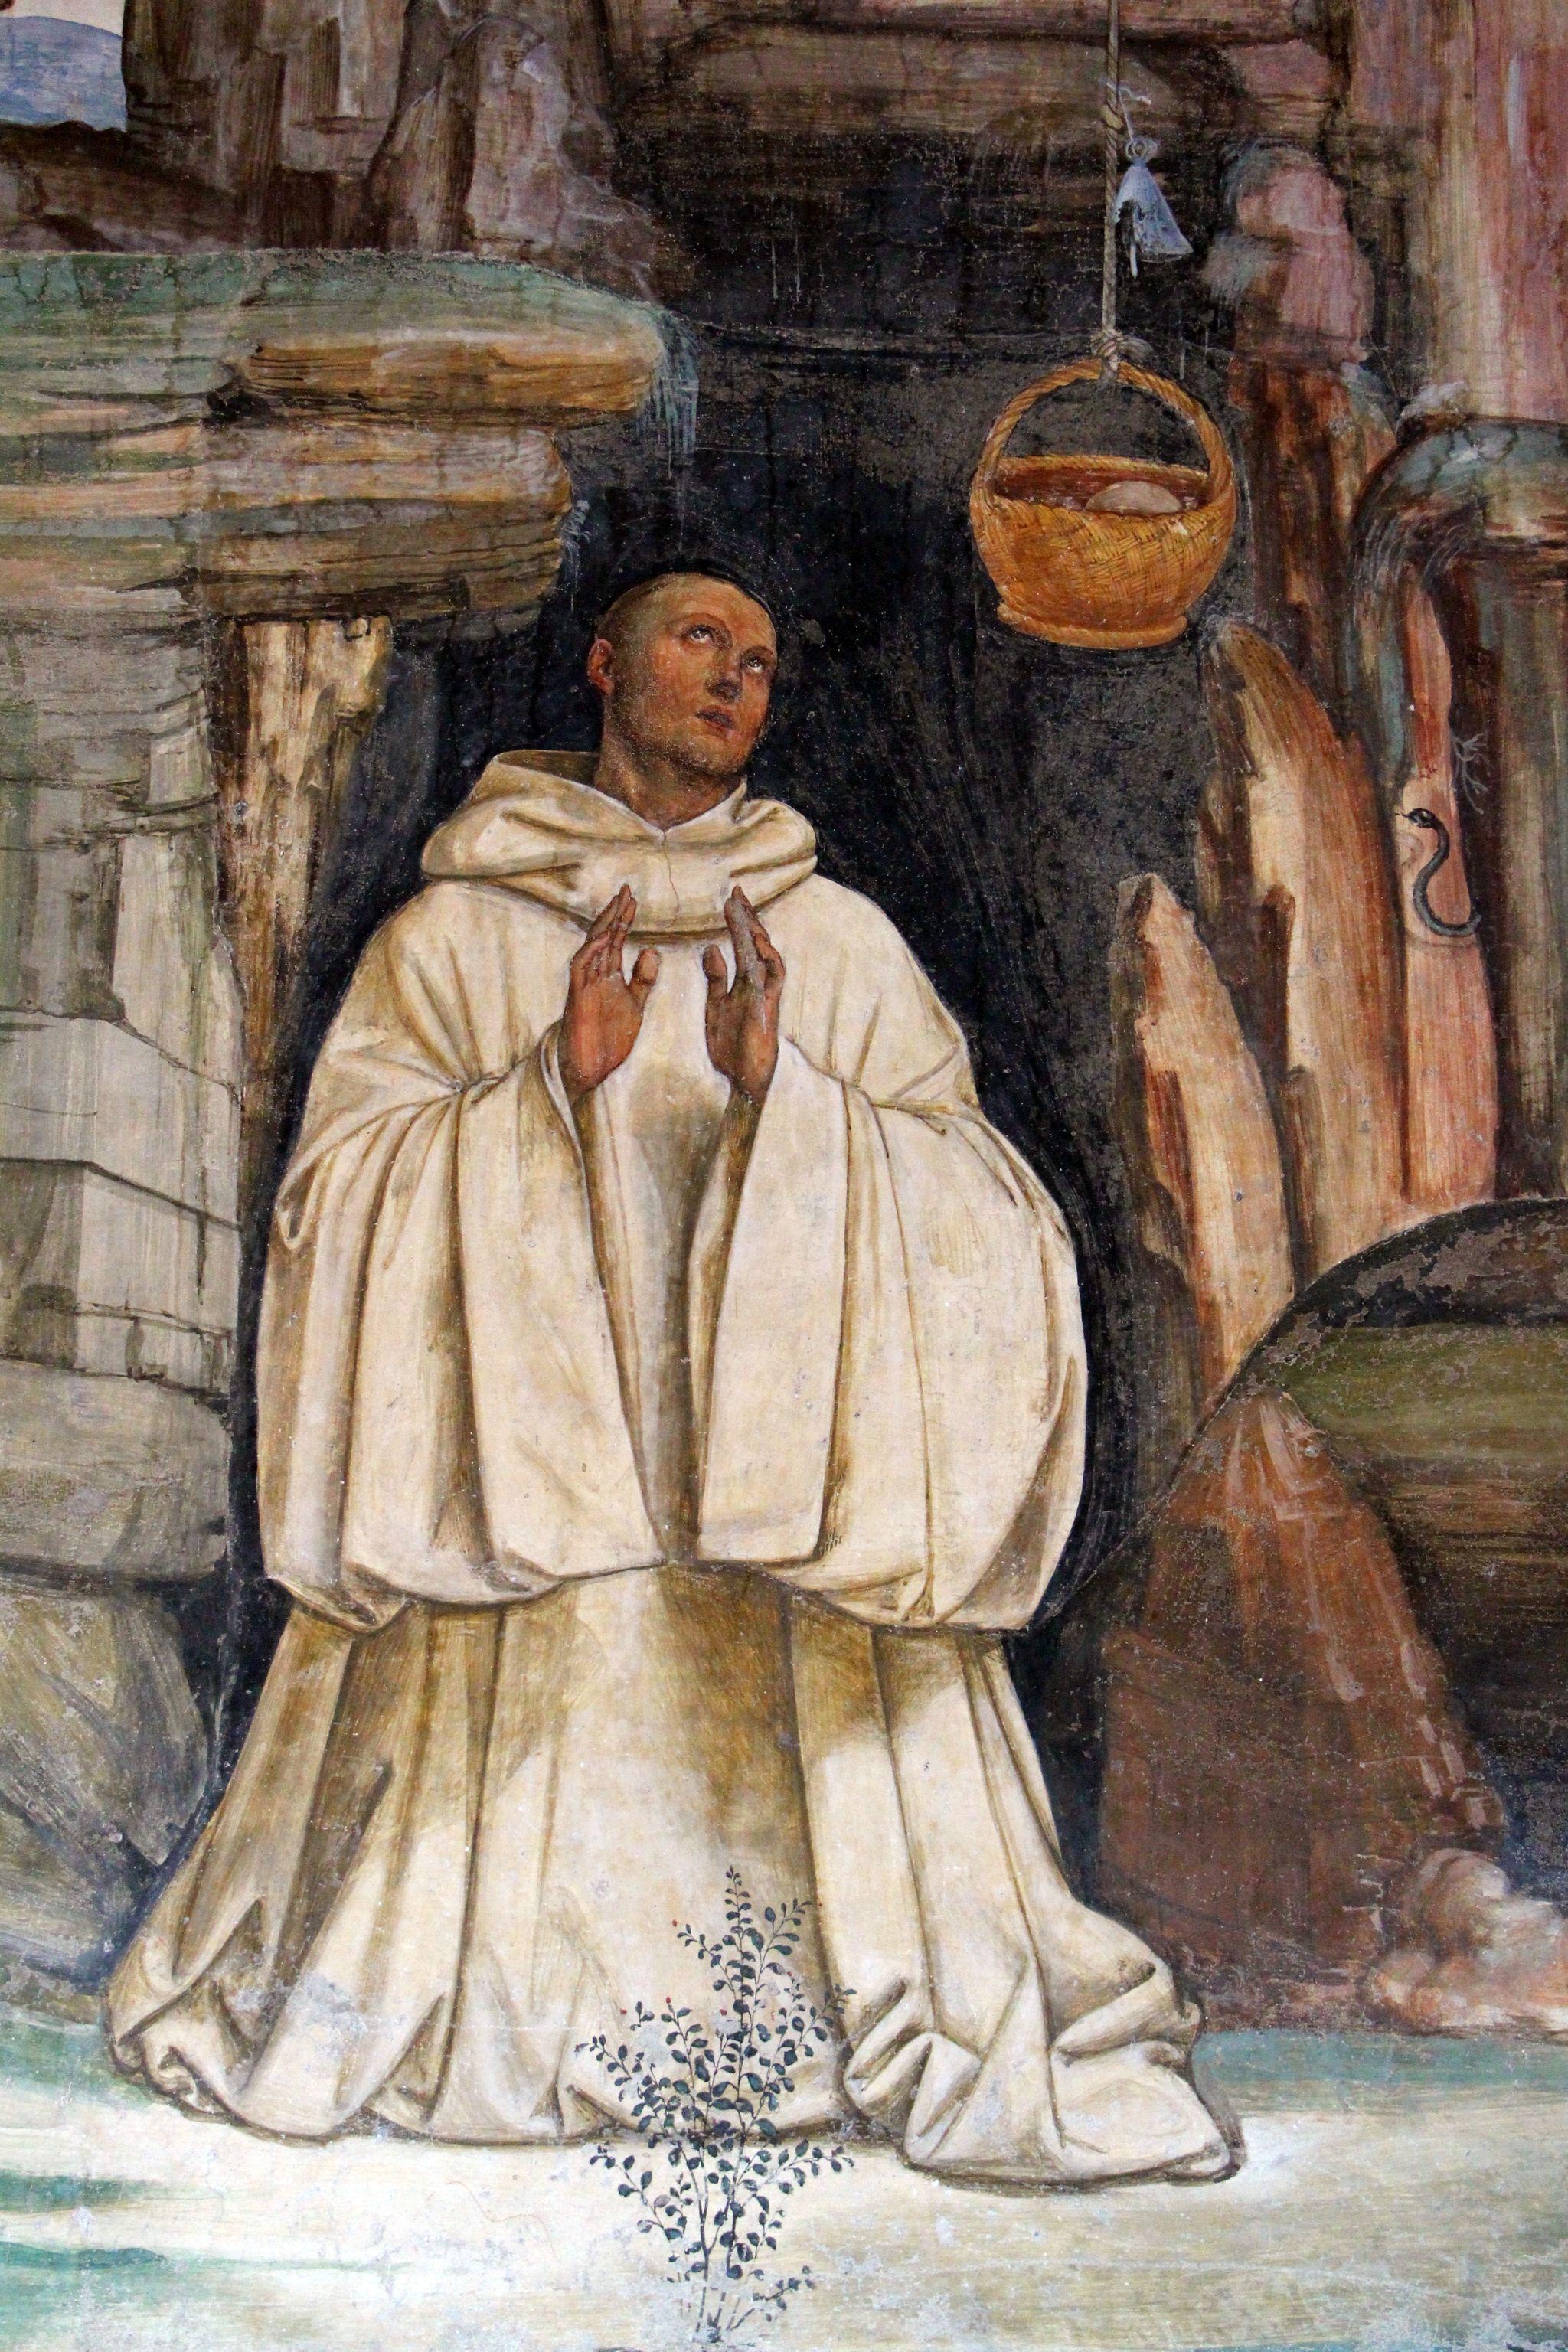 Storie di s. benedetto, 05 sodoma - Come lo dimonio rompe la campanella 04